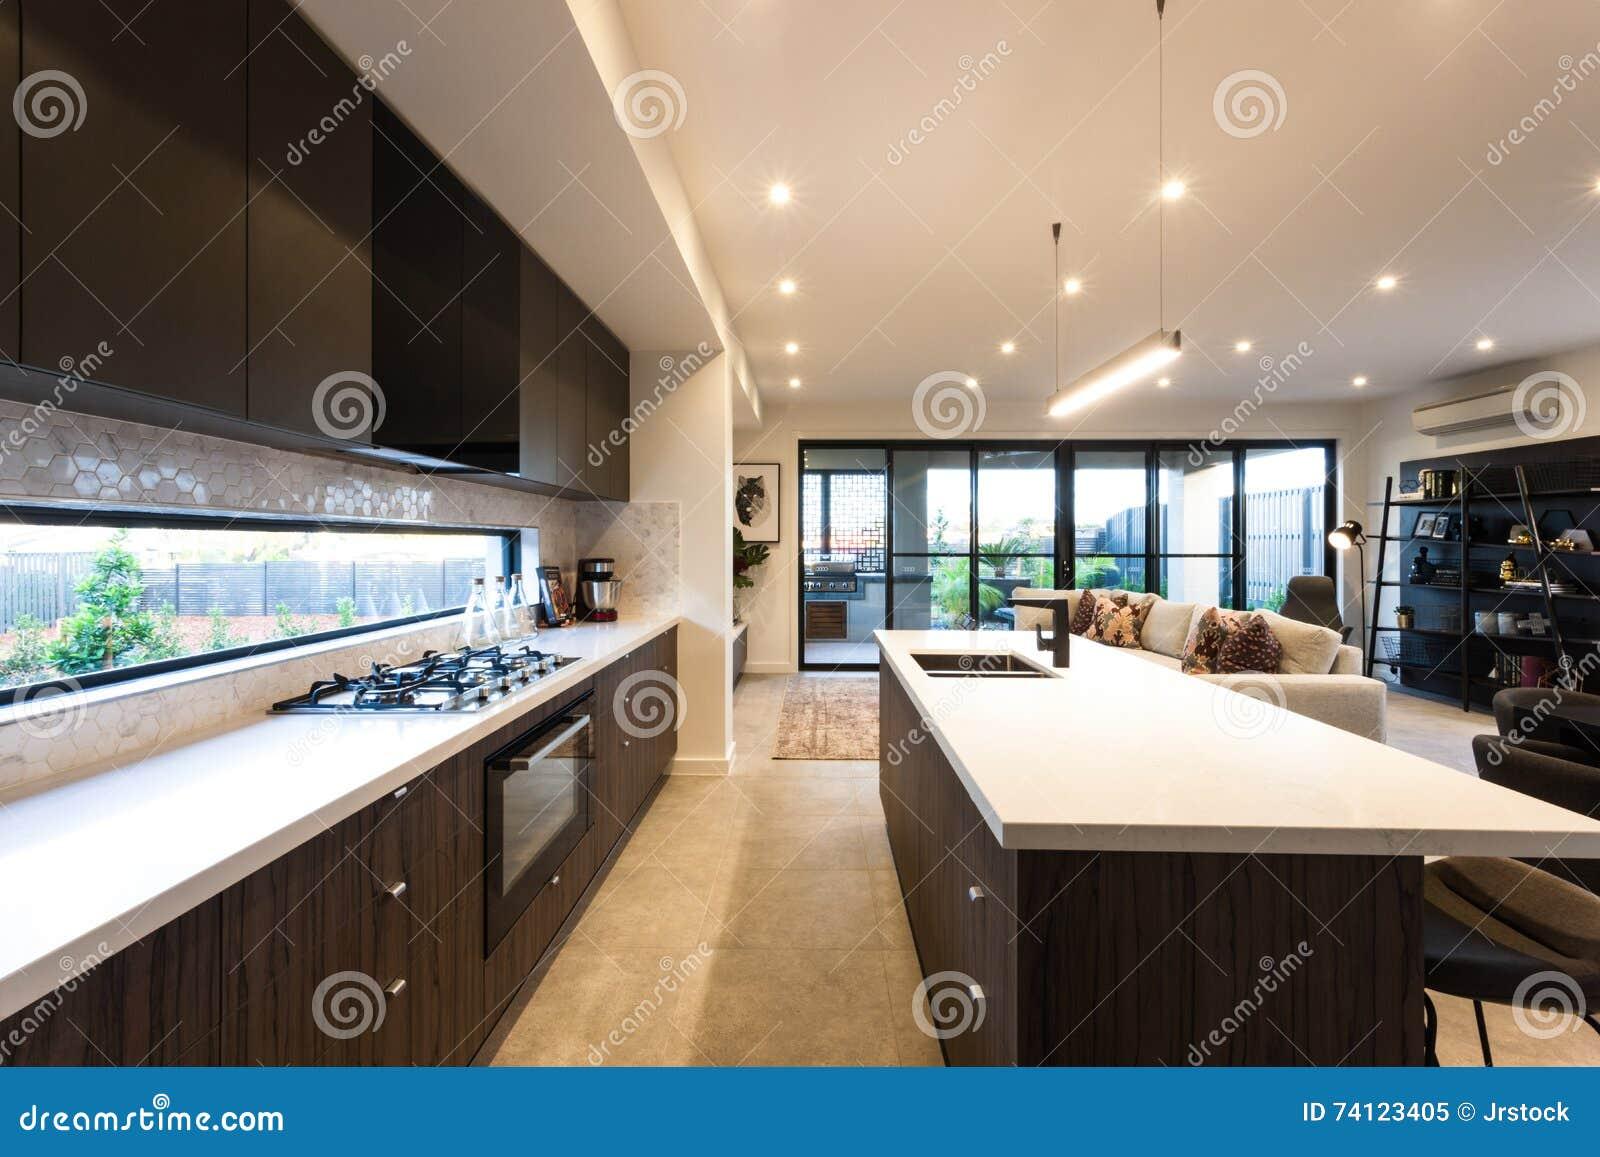 Plafoniere Da Cucina Moderne : Cucina moderna illuminata con le plafoniere a tempo di giorno